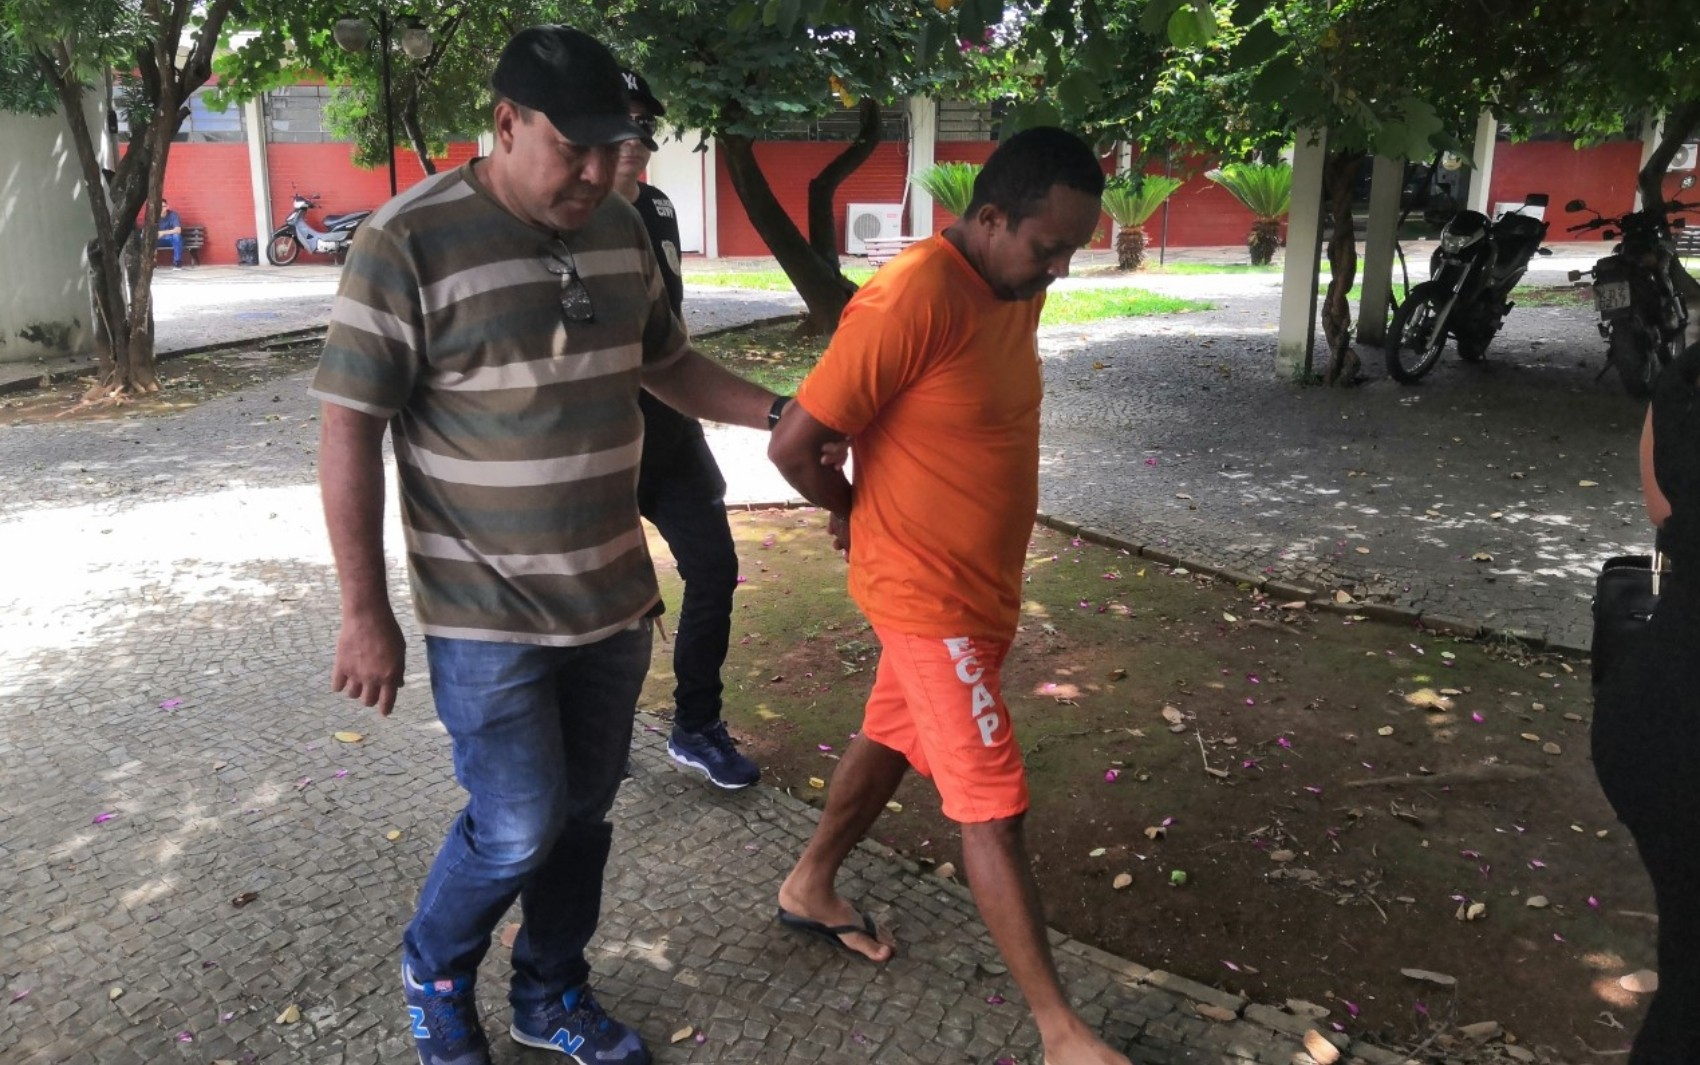 Caminhoneiro é preso e confessa à polícia que atirou na ex e matou pedreiro que curtiu foto dela em Nova Crixás